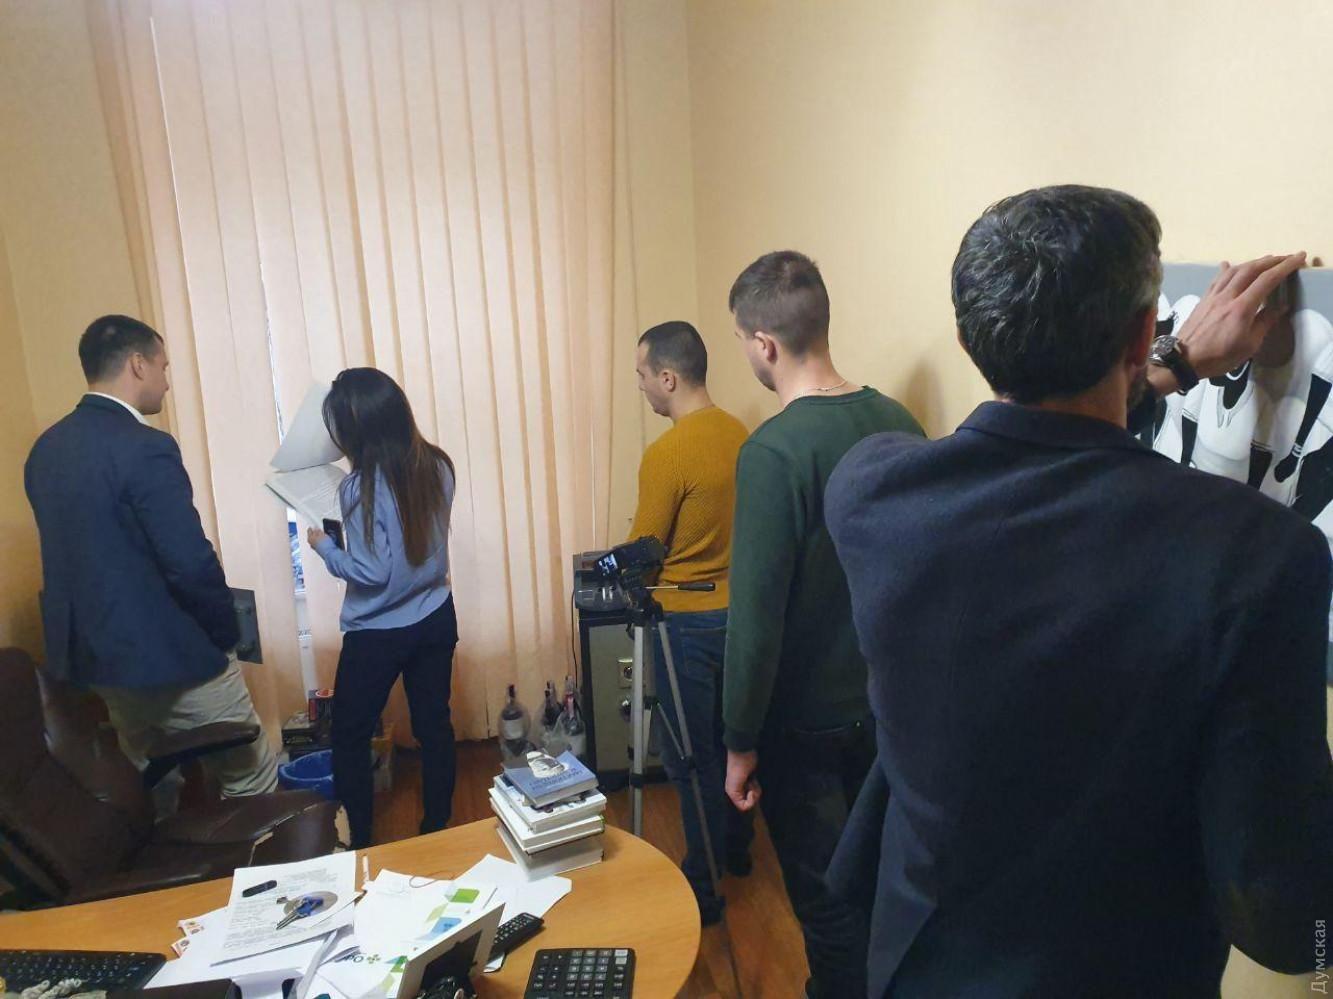 обшуки Думская ТВ НАБУ Одеса